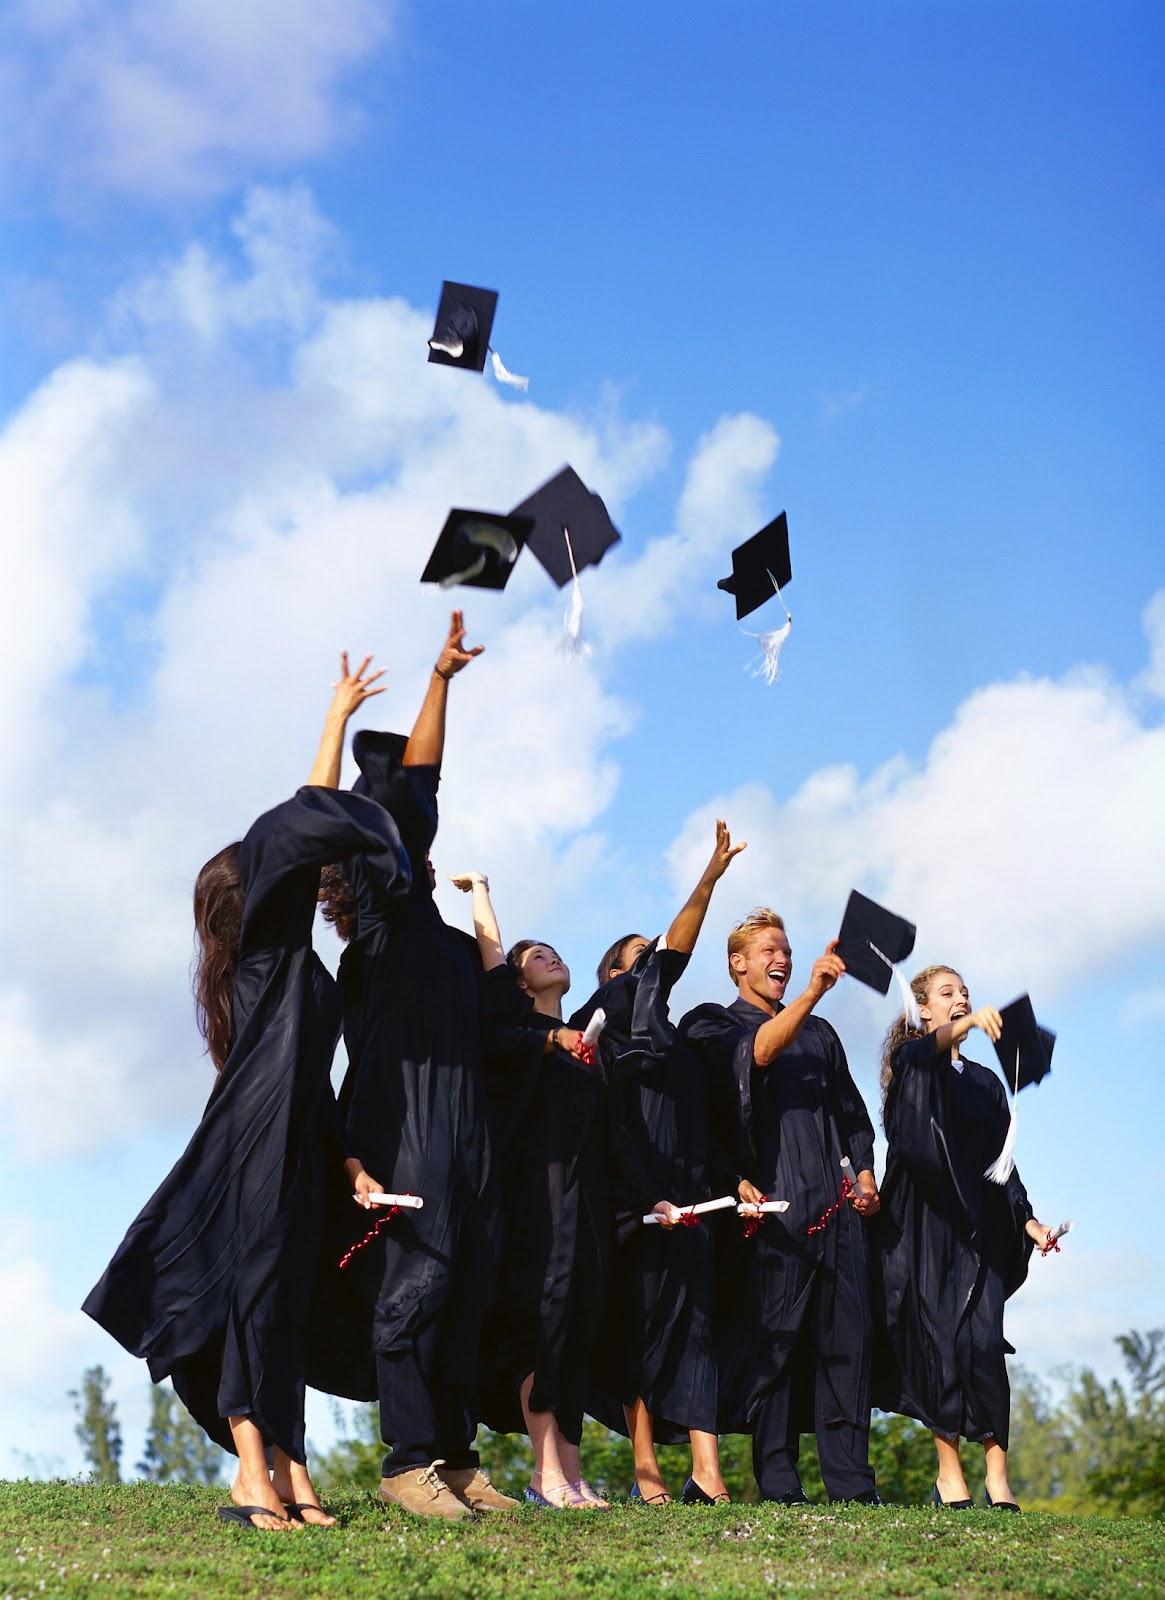 Graduation Cap Decorations Ideas